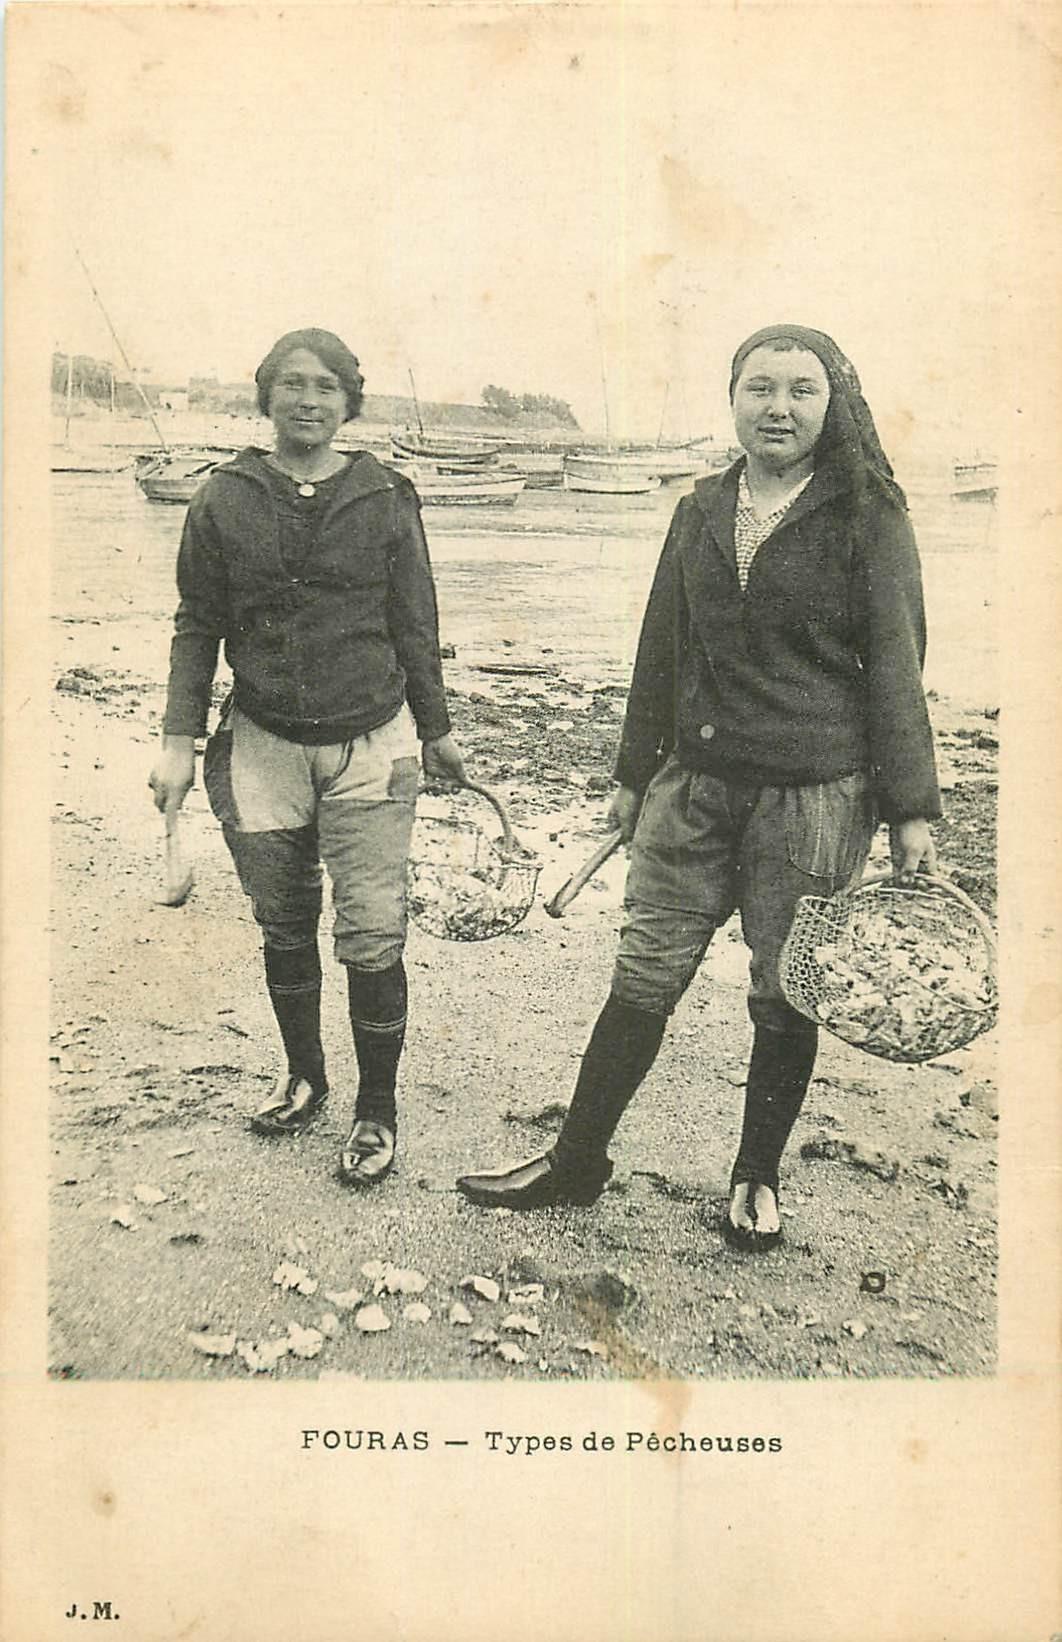 17 FOURAS. Types de Pêcheuses d'Huîtres et Crustacés 1918 métiers de la Mer